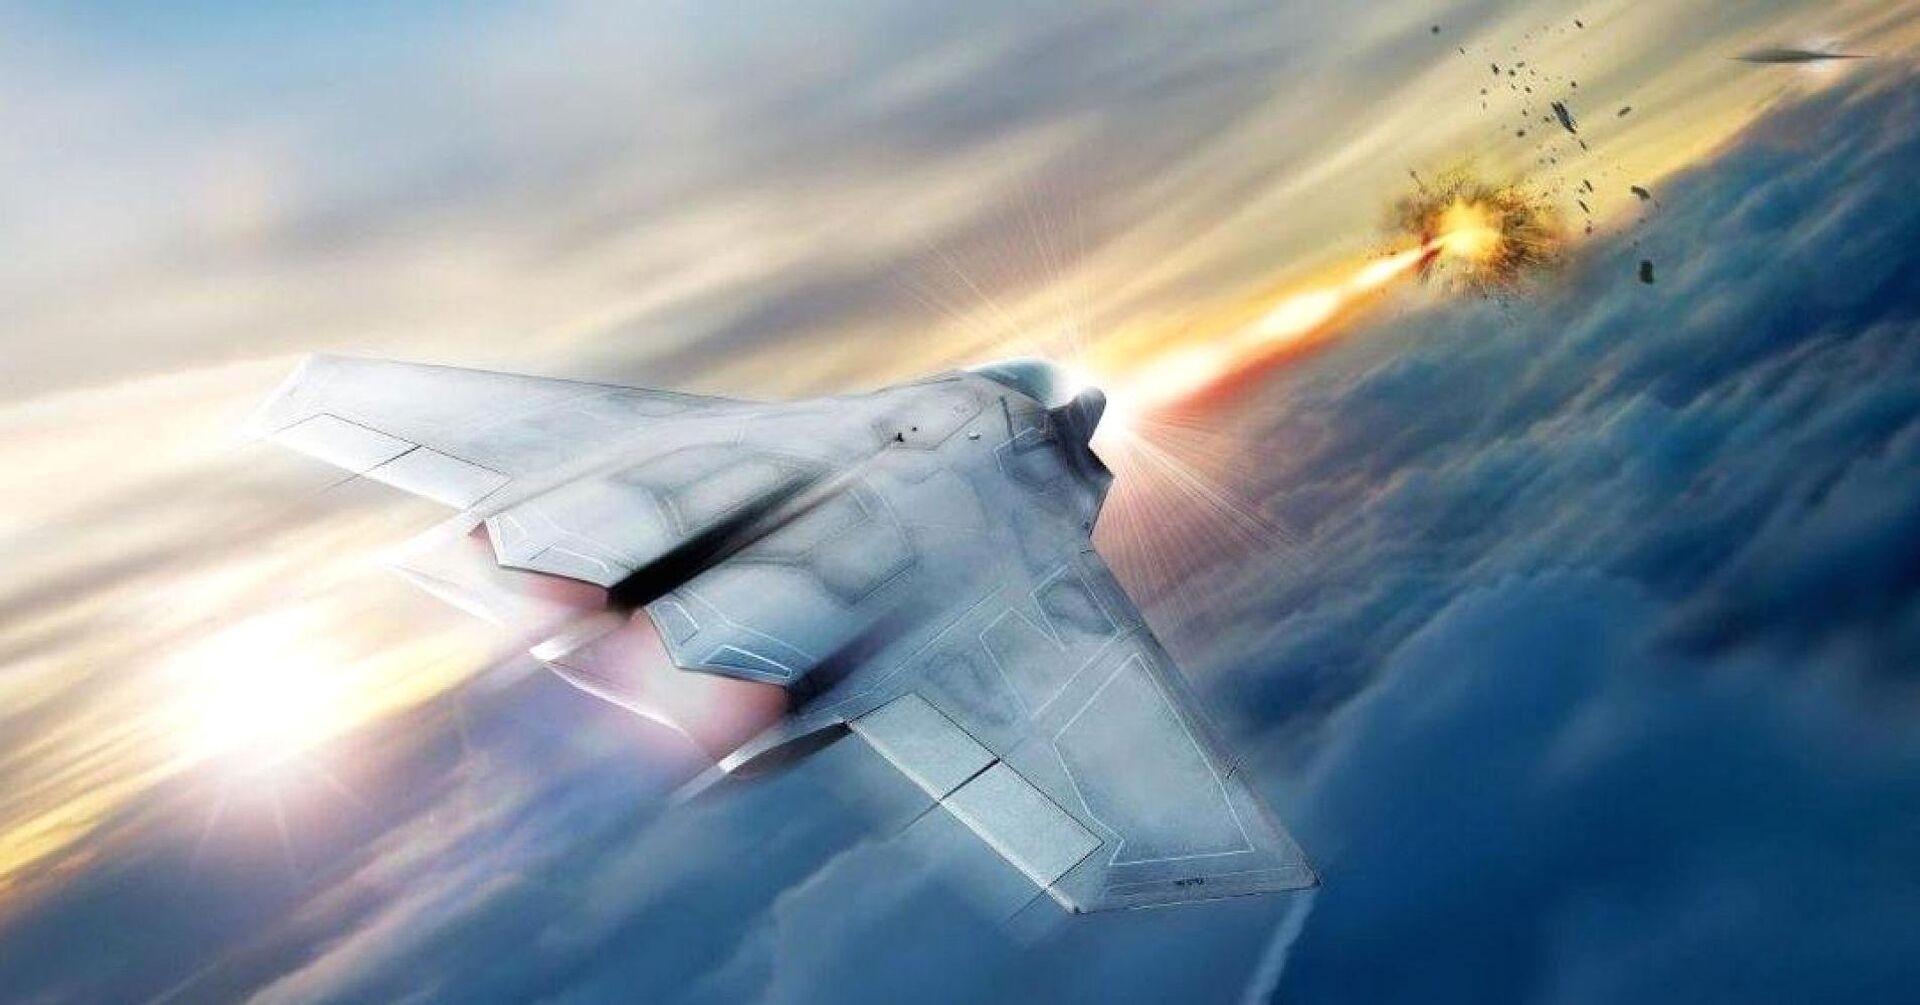 Концепт истребителя, оснащенного лазерным оружием - РИА Новости, 1920, 03.03.2021